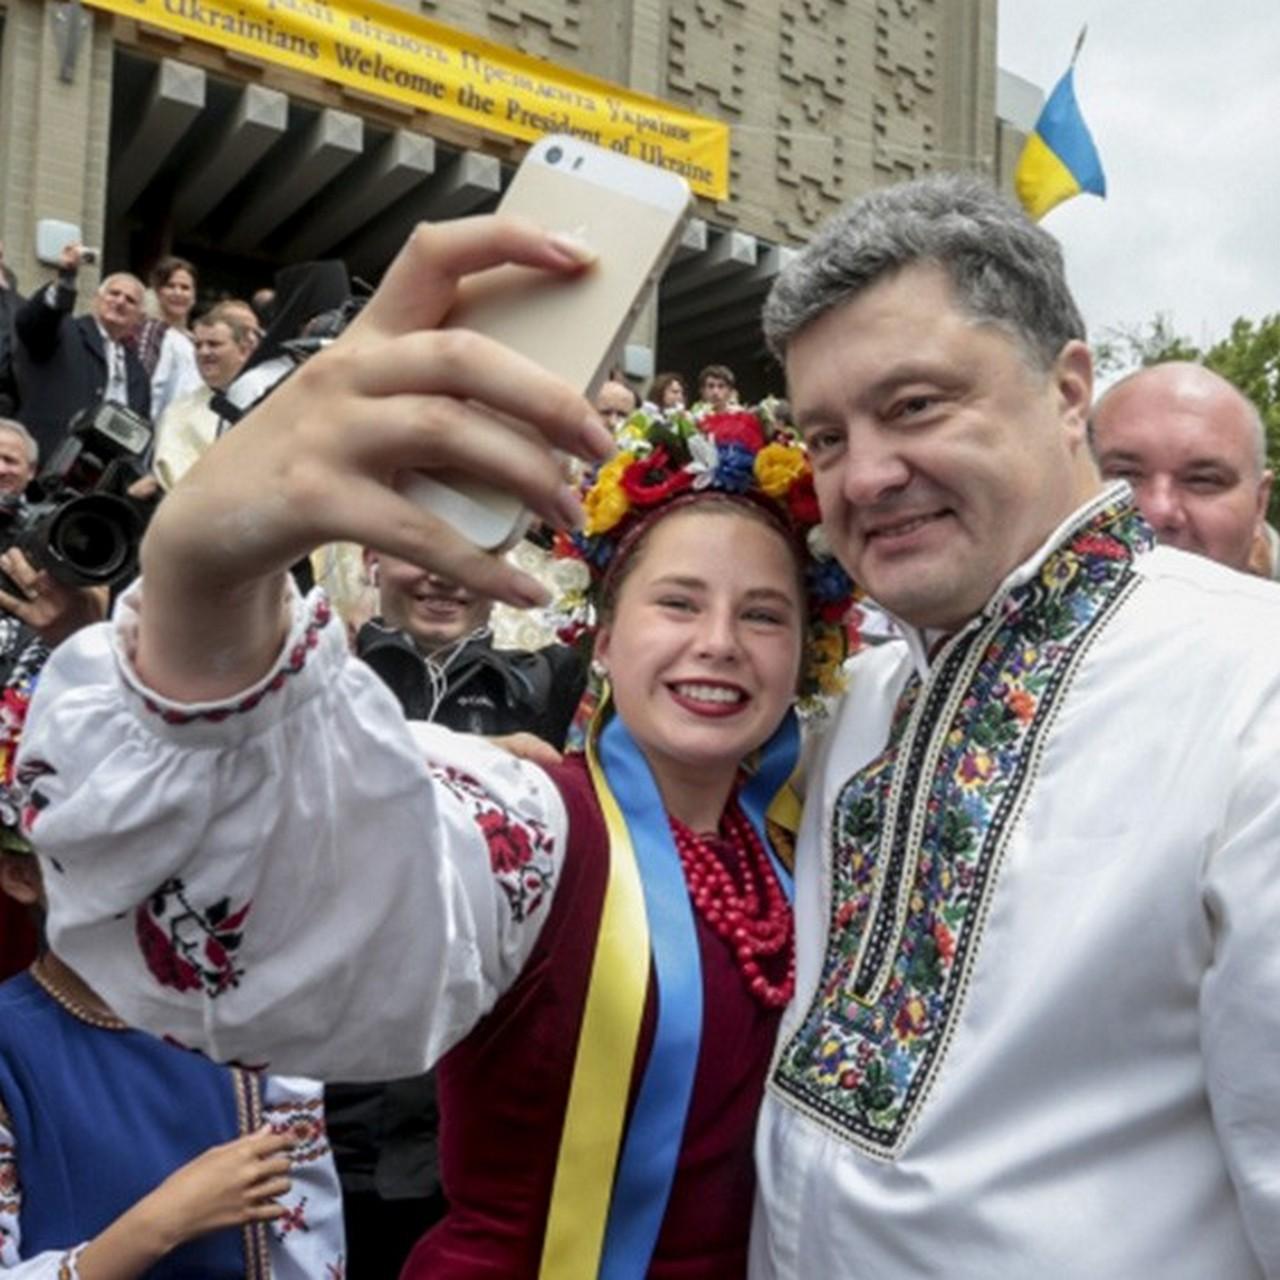 патриотичные картинки про украину